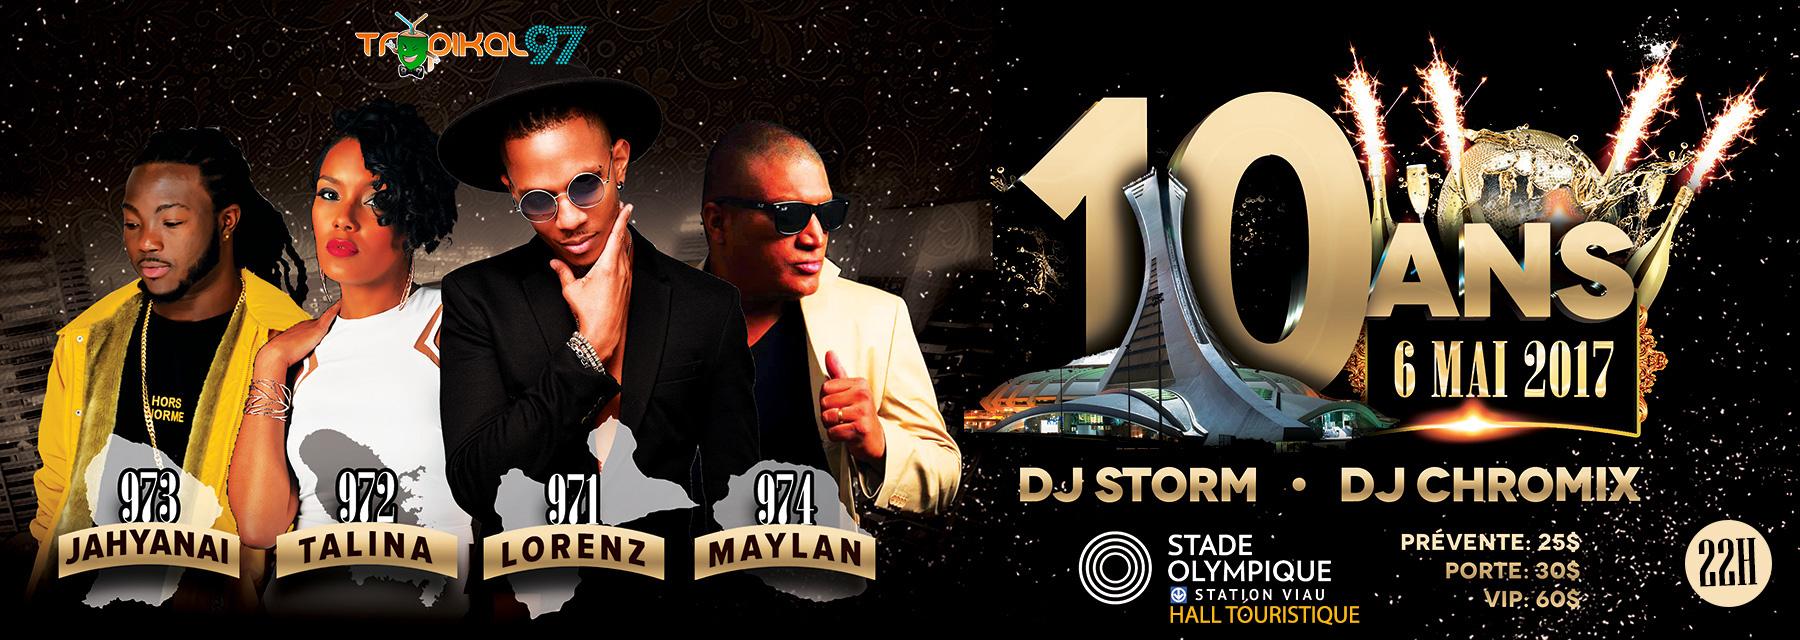 Un énorme party Zouk et Dancehall au Stade Olympique pour les 10 ans de Tropikal 97